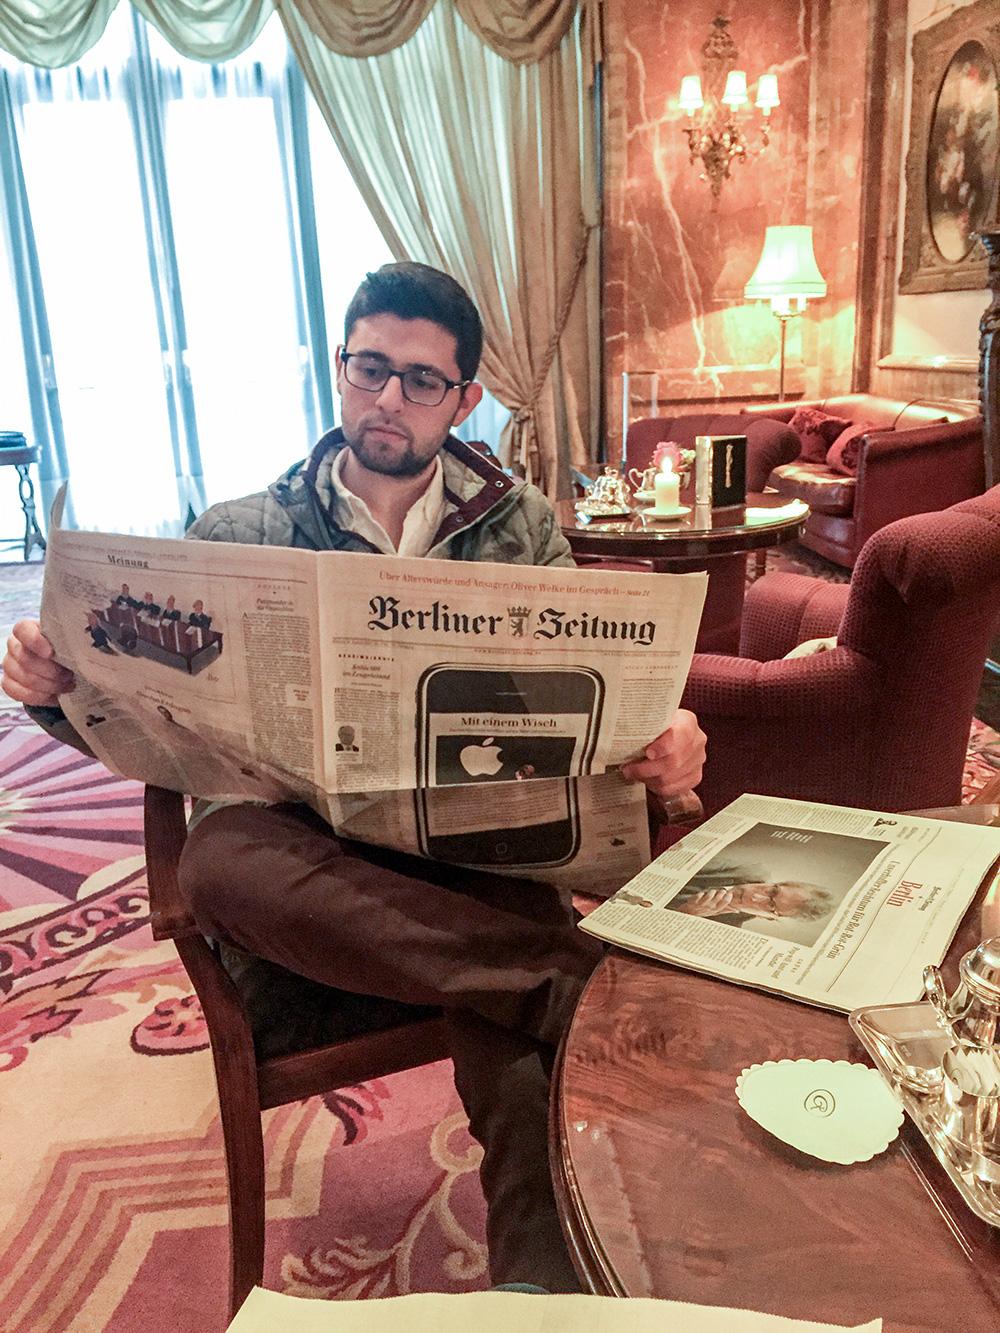 Elan reading a German newspaper